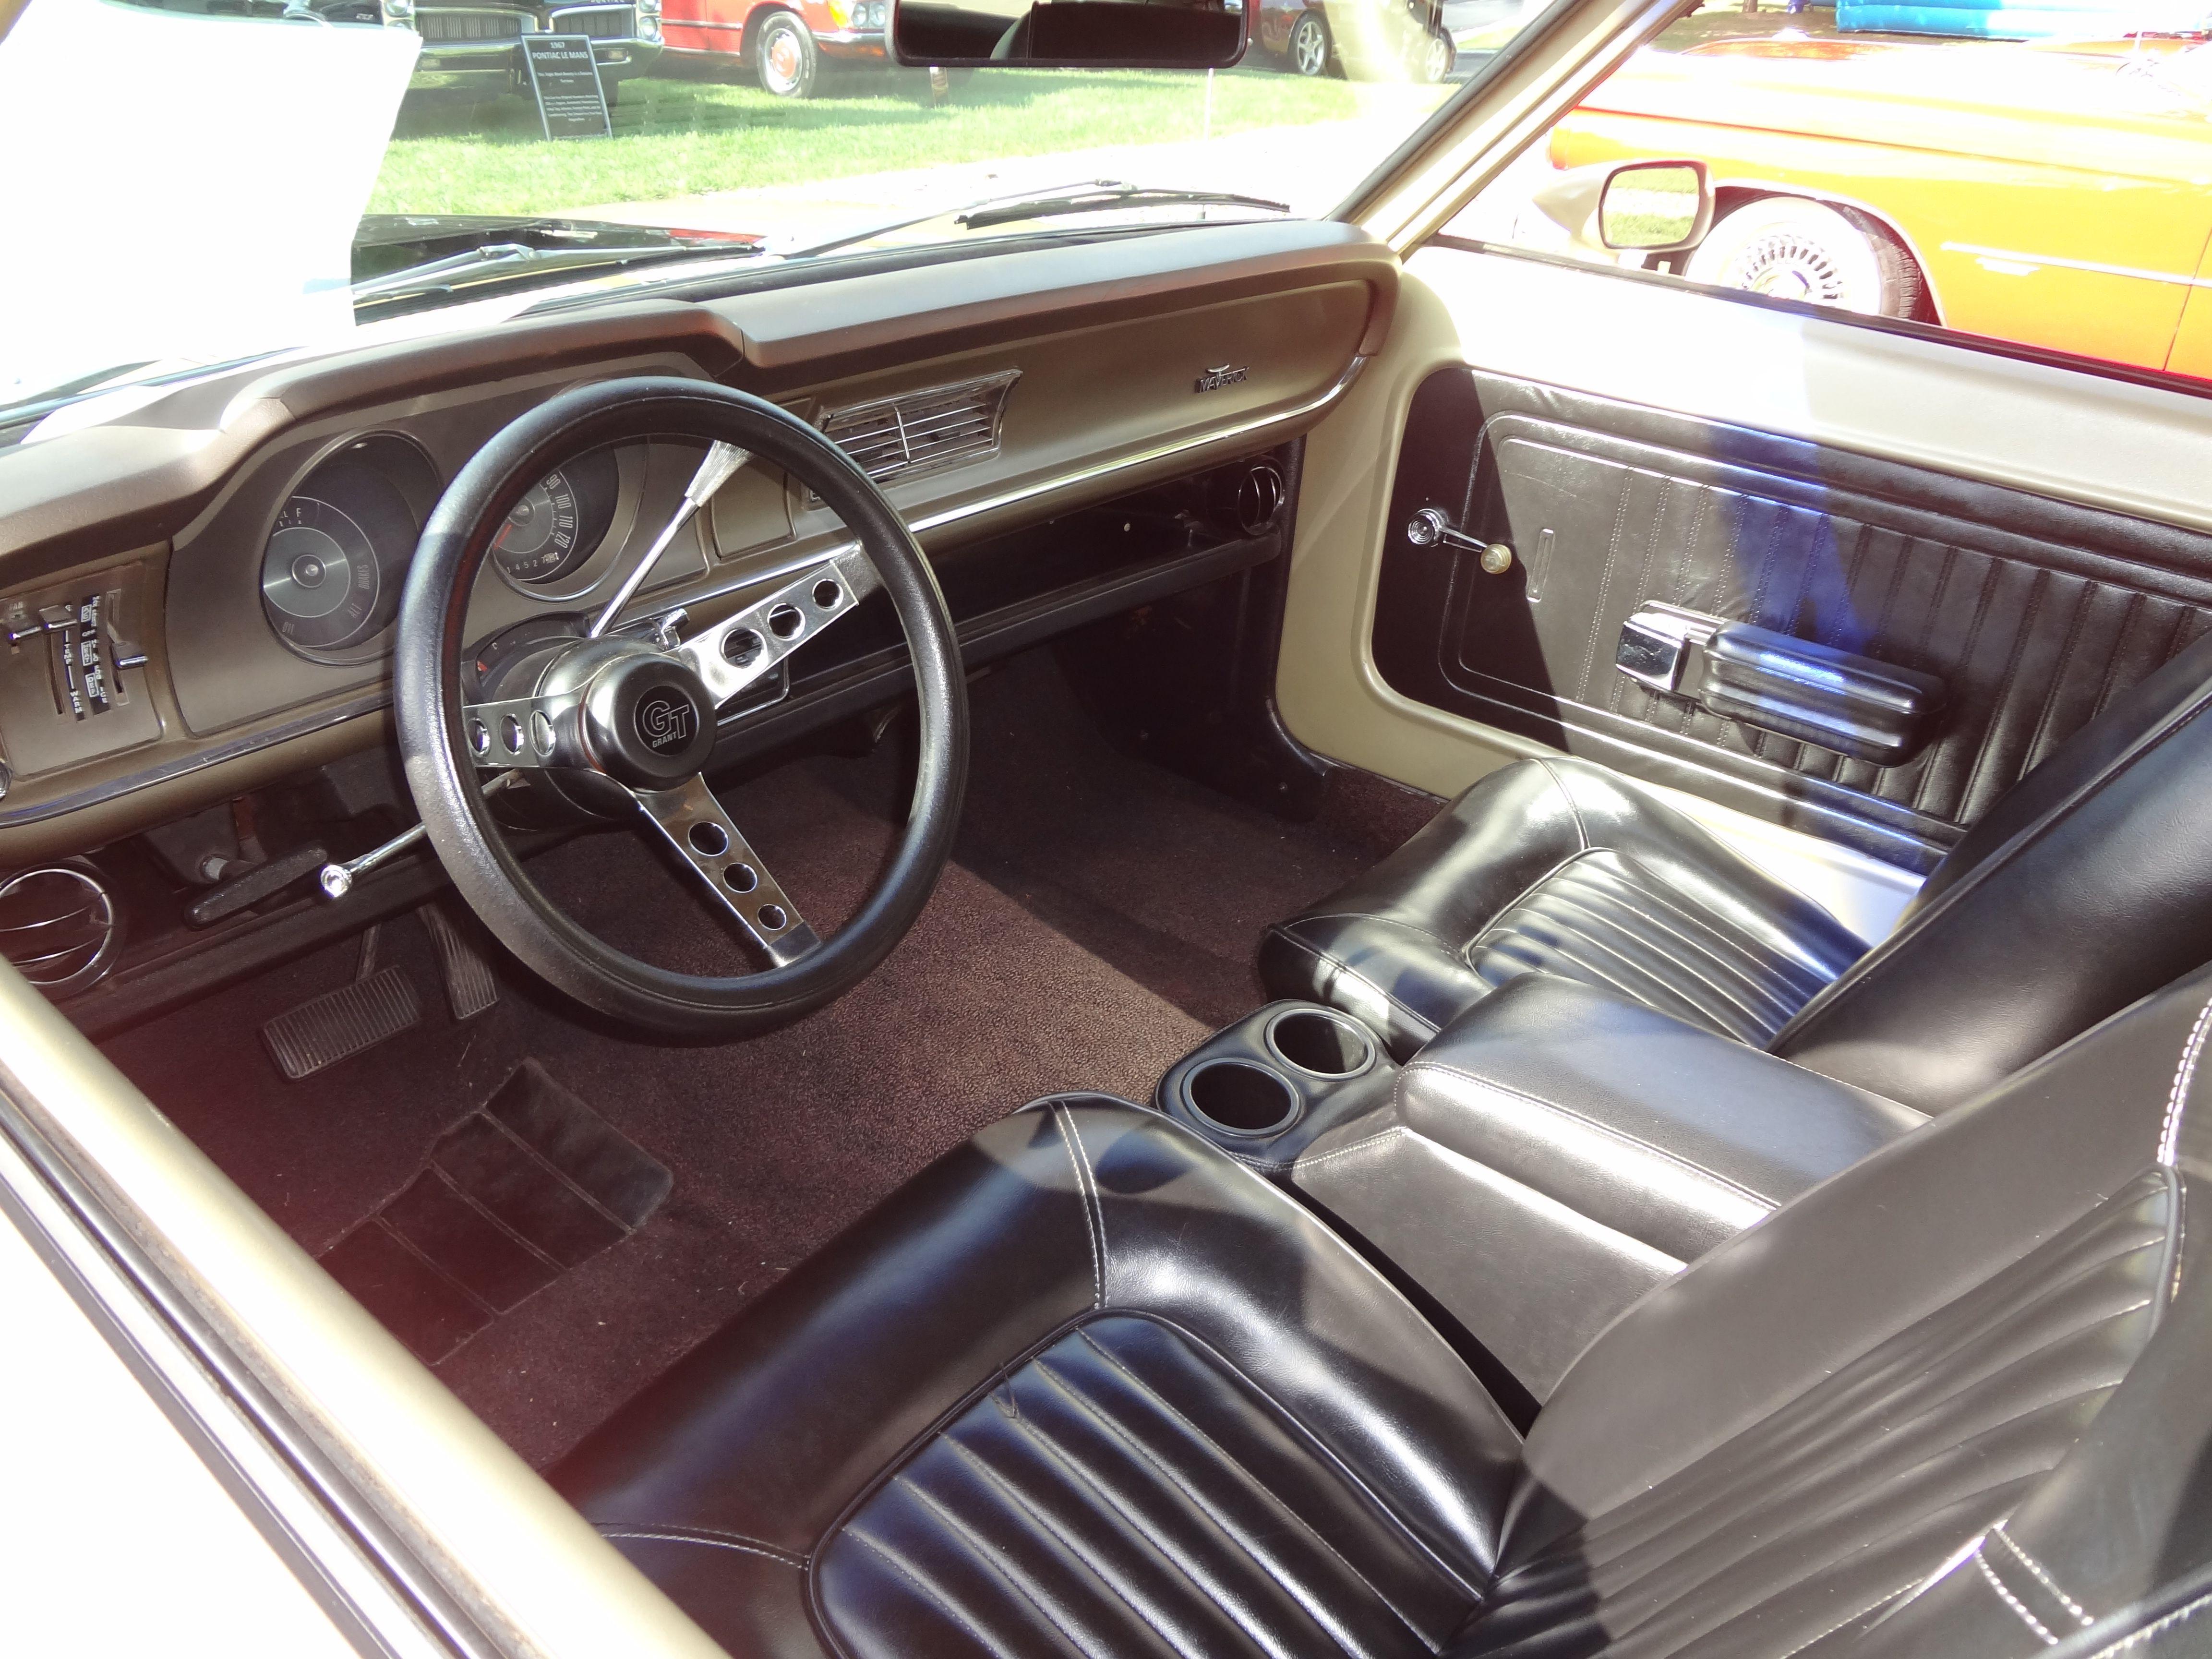 1972 Ford Maverick Interior Carros E Caminhoes Carros